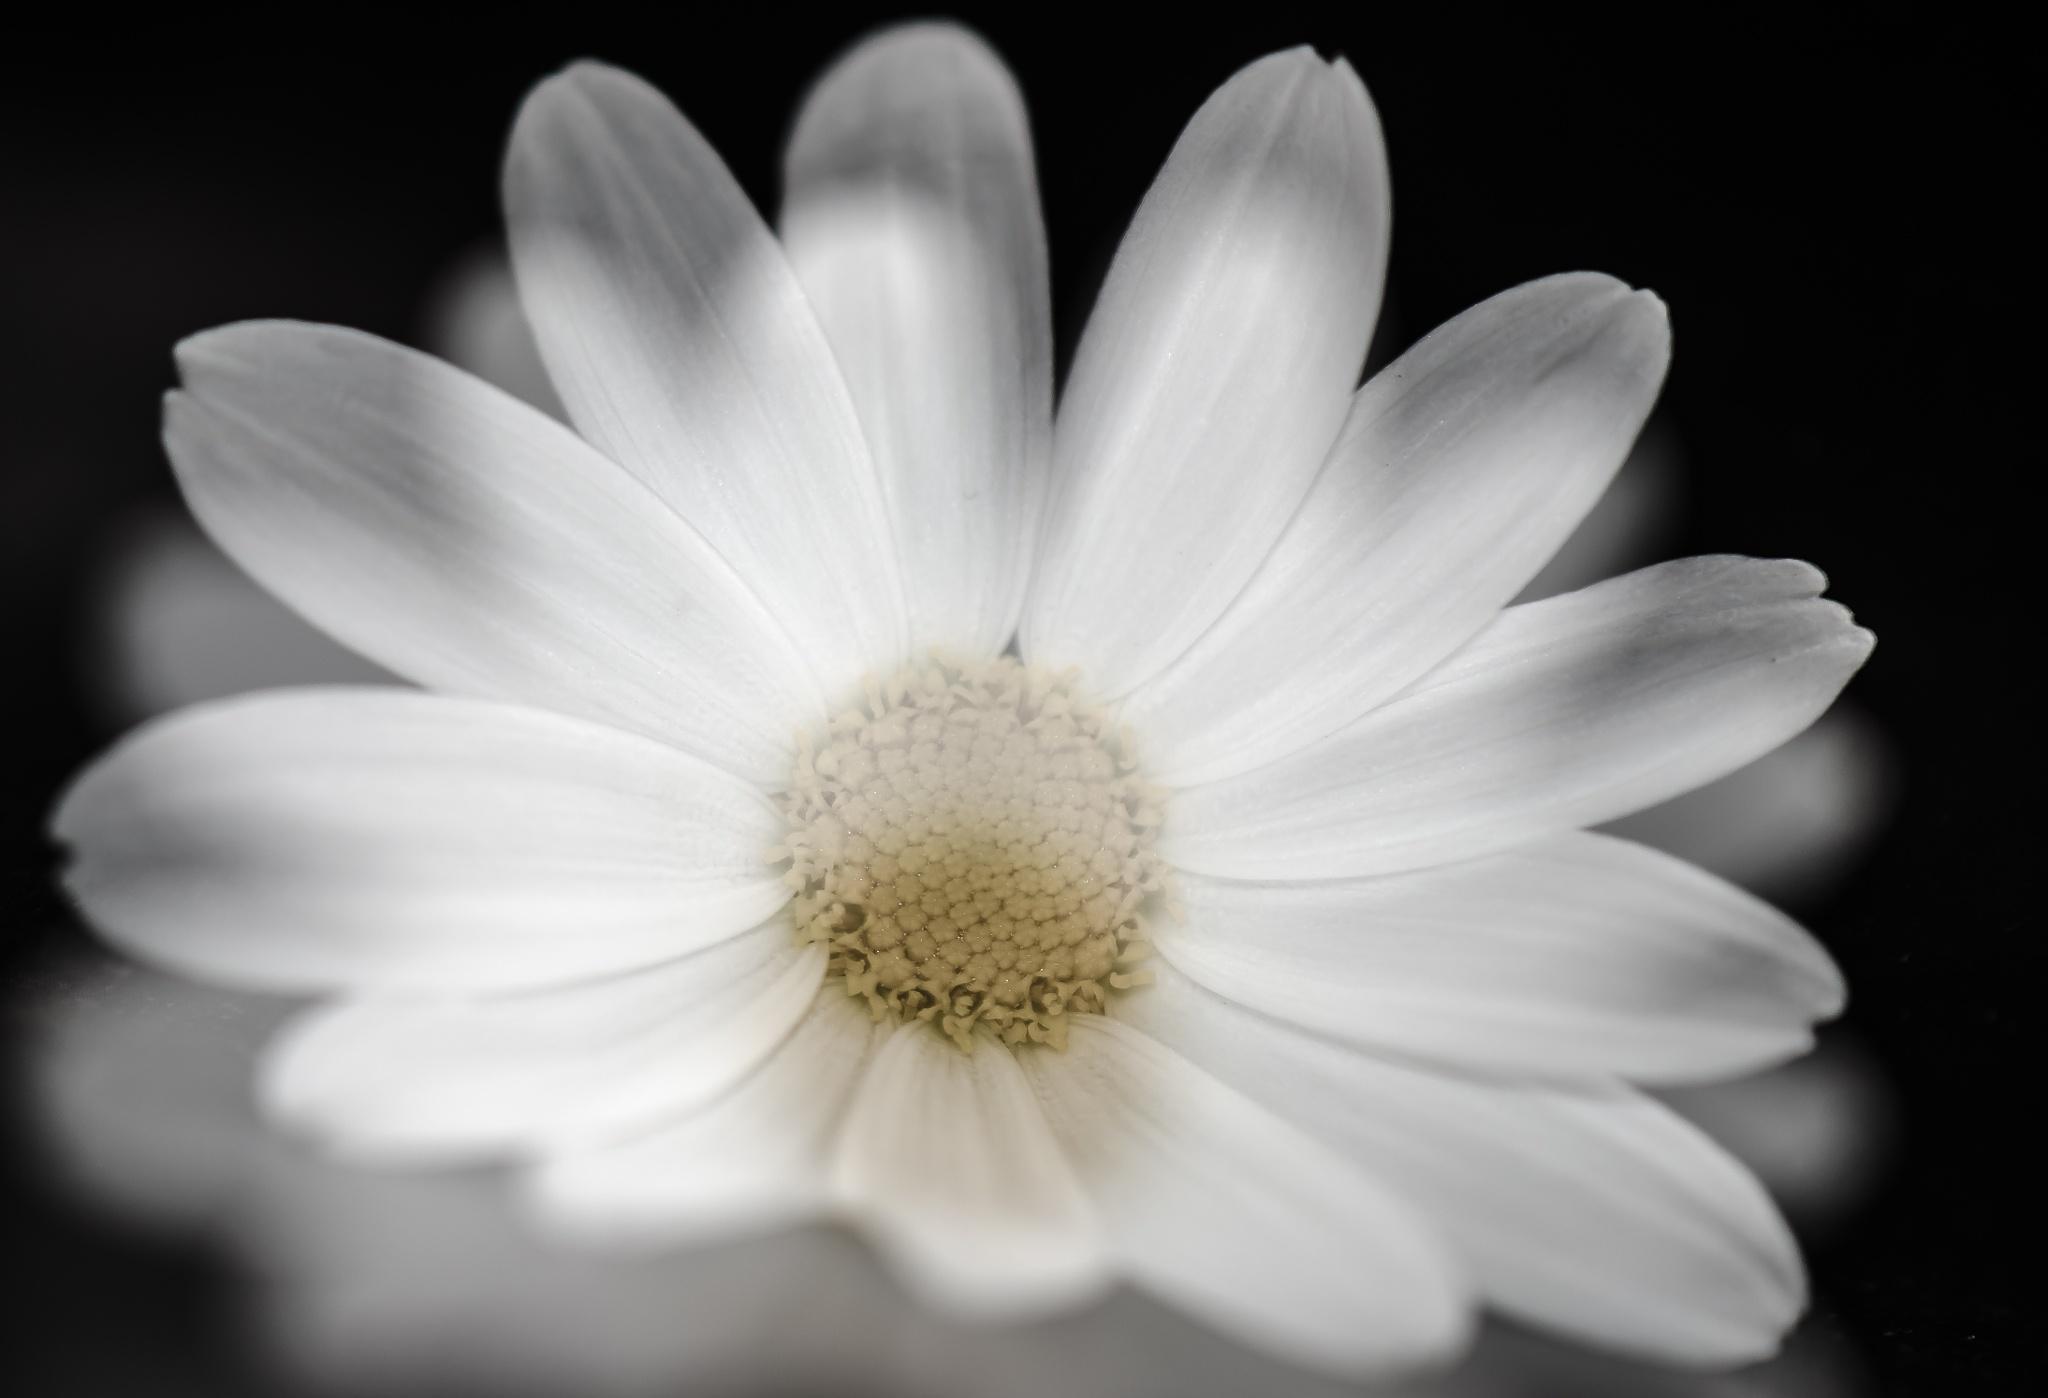 Daisy Daisy by ninamfriis